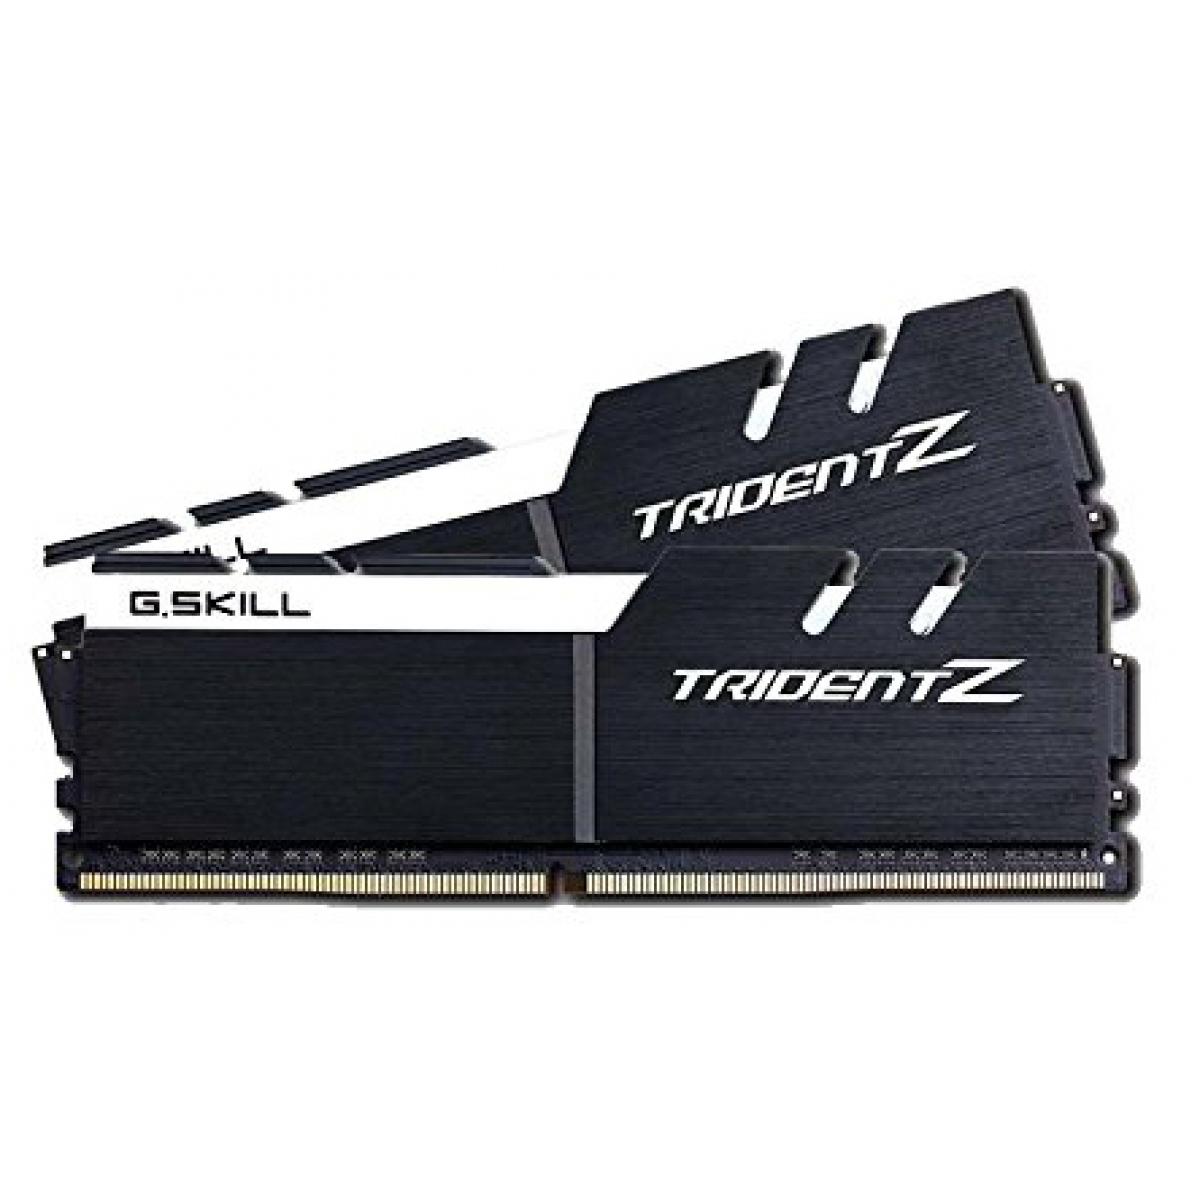 Memória DDR4 G.Skill Trident Z, 16GB (2x8GB) 3200MHz, F4-3200C15D-16GTZKW